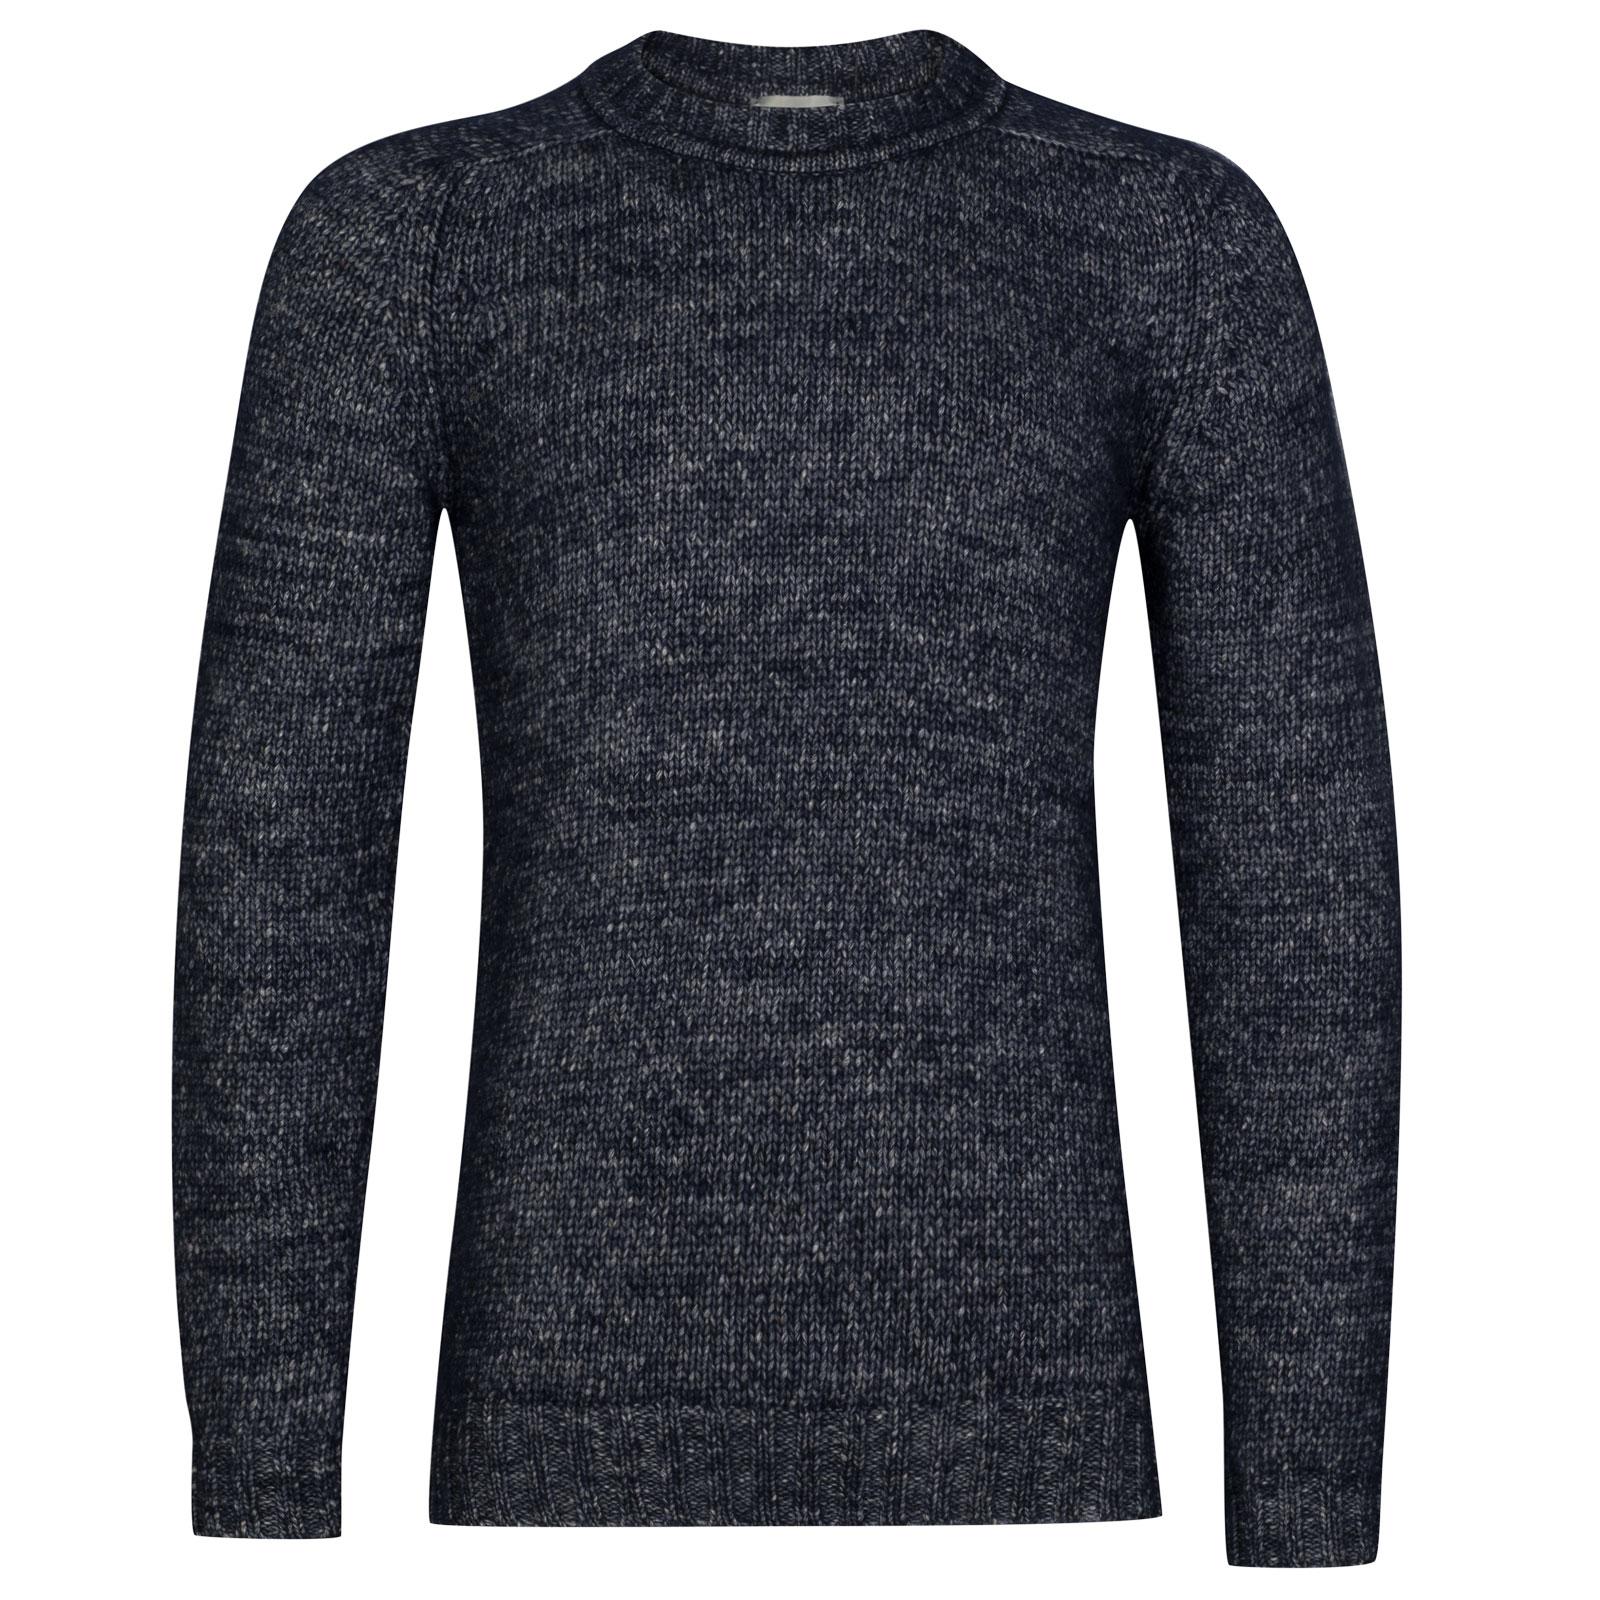 John Smedley storr Alpaca, Wool & Cotton Pullover in midnight-L